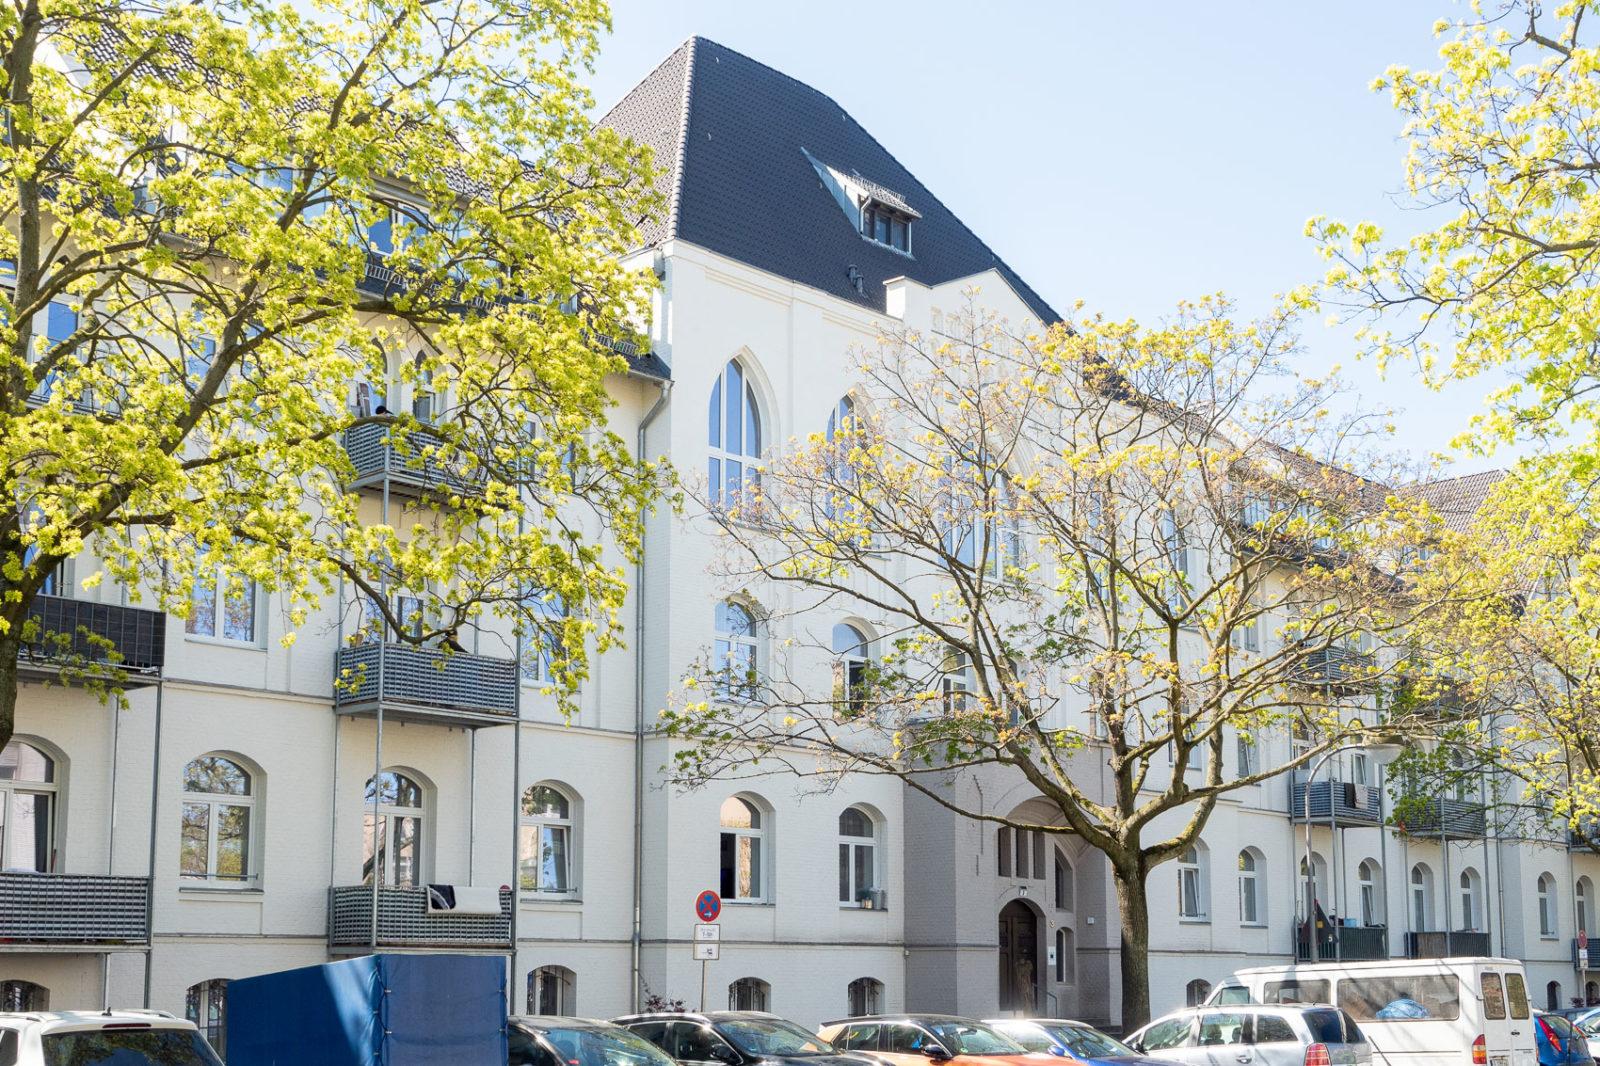 Gebäude jüdischen Lebens: Jüdisches Krankenhaus